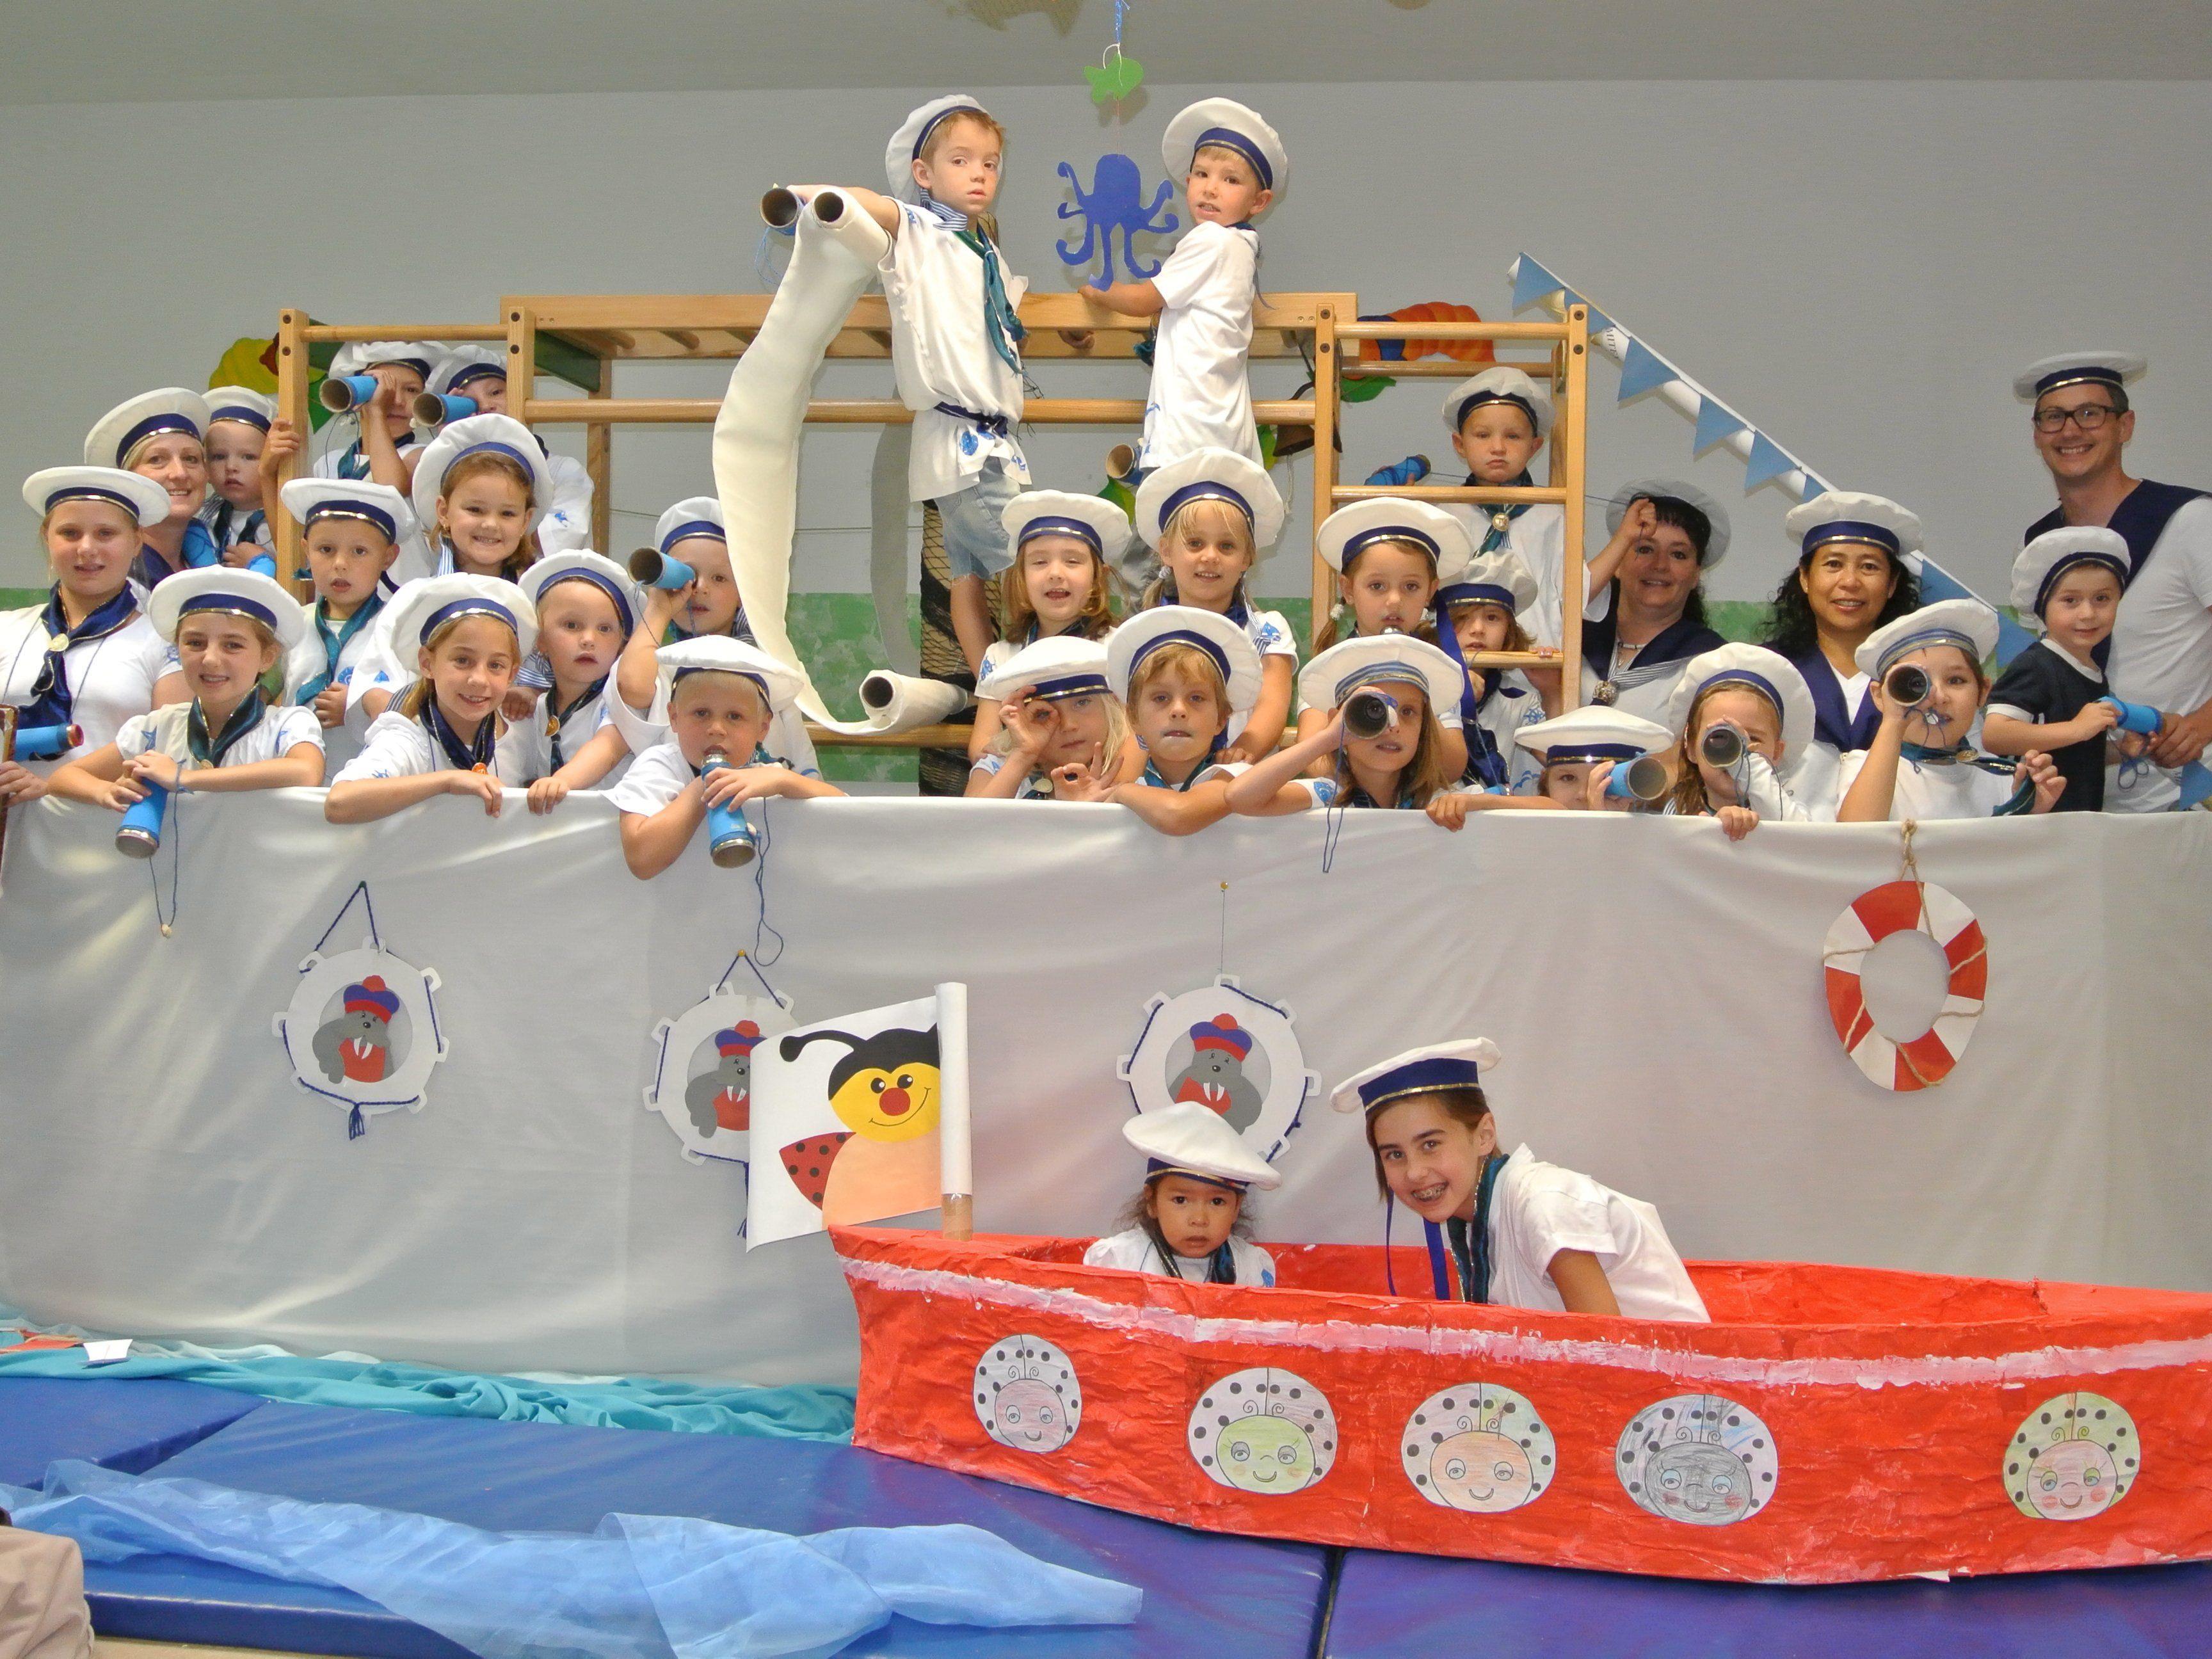 Die Besatzung mit ihrem Boot